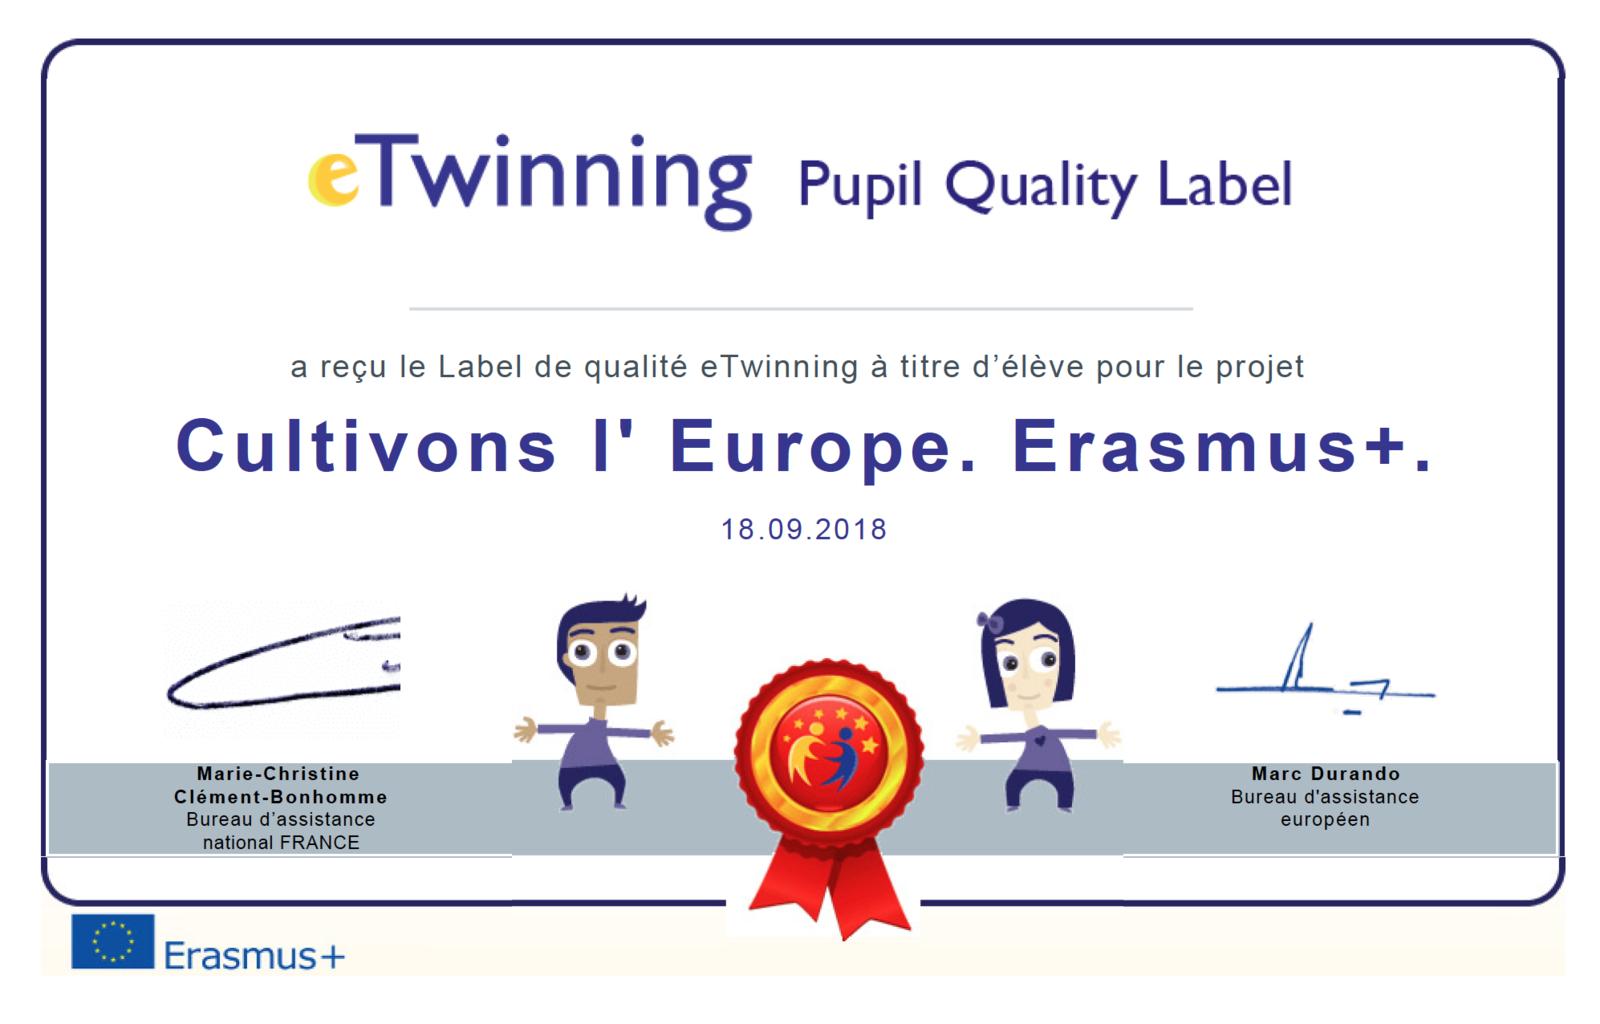 Un label de qualité européen pour notre projet Erasmus+ Cultivons l'Europe